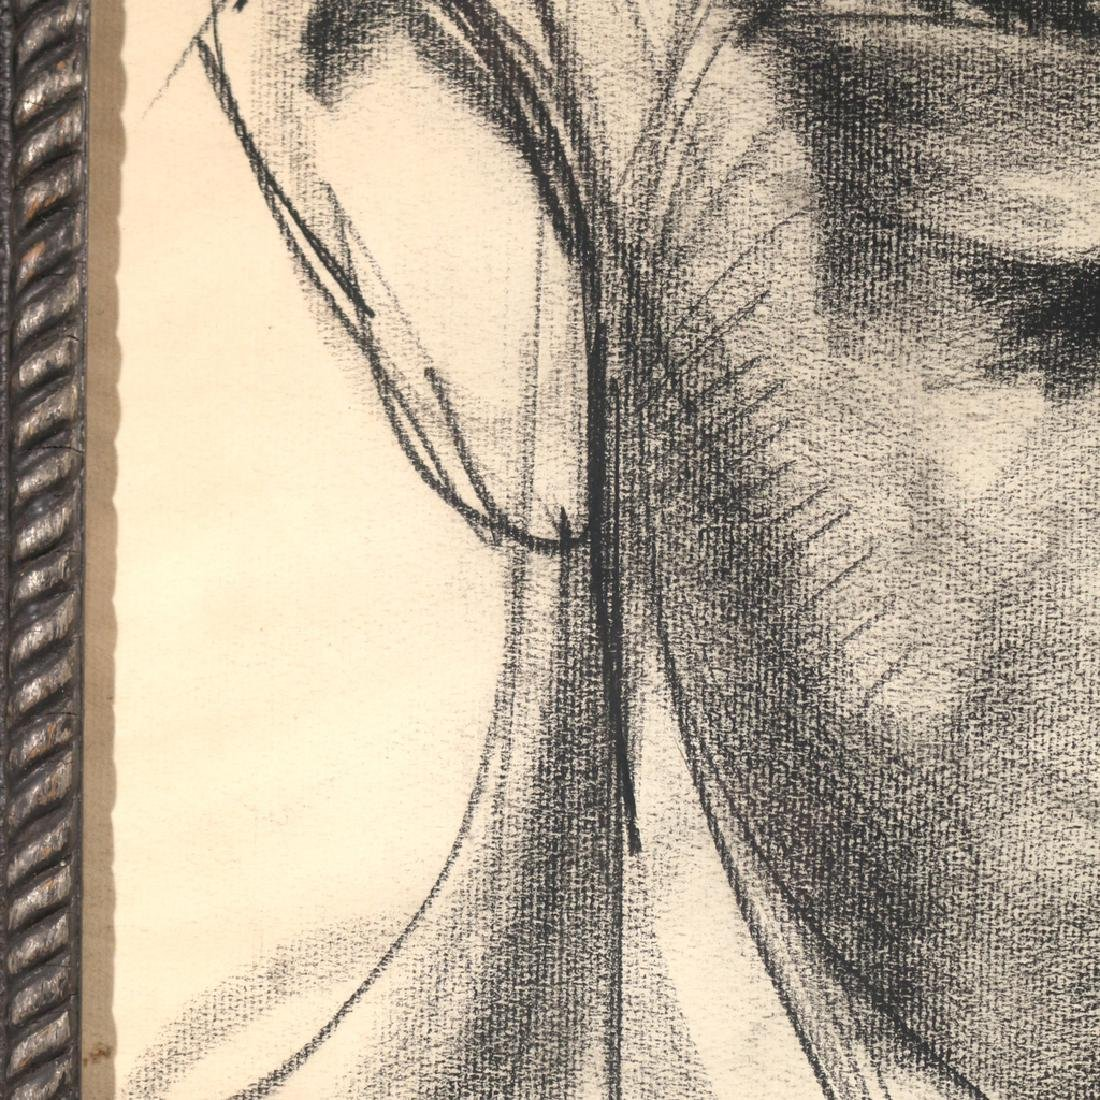 [PORTRAIT OF HINES] ANTONIO LOPEZ (1943-1987) - 5